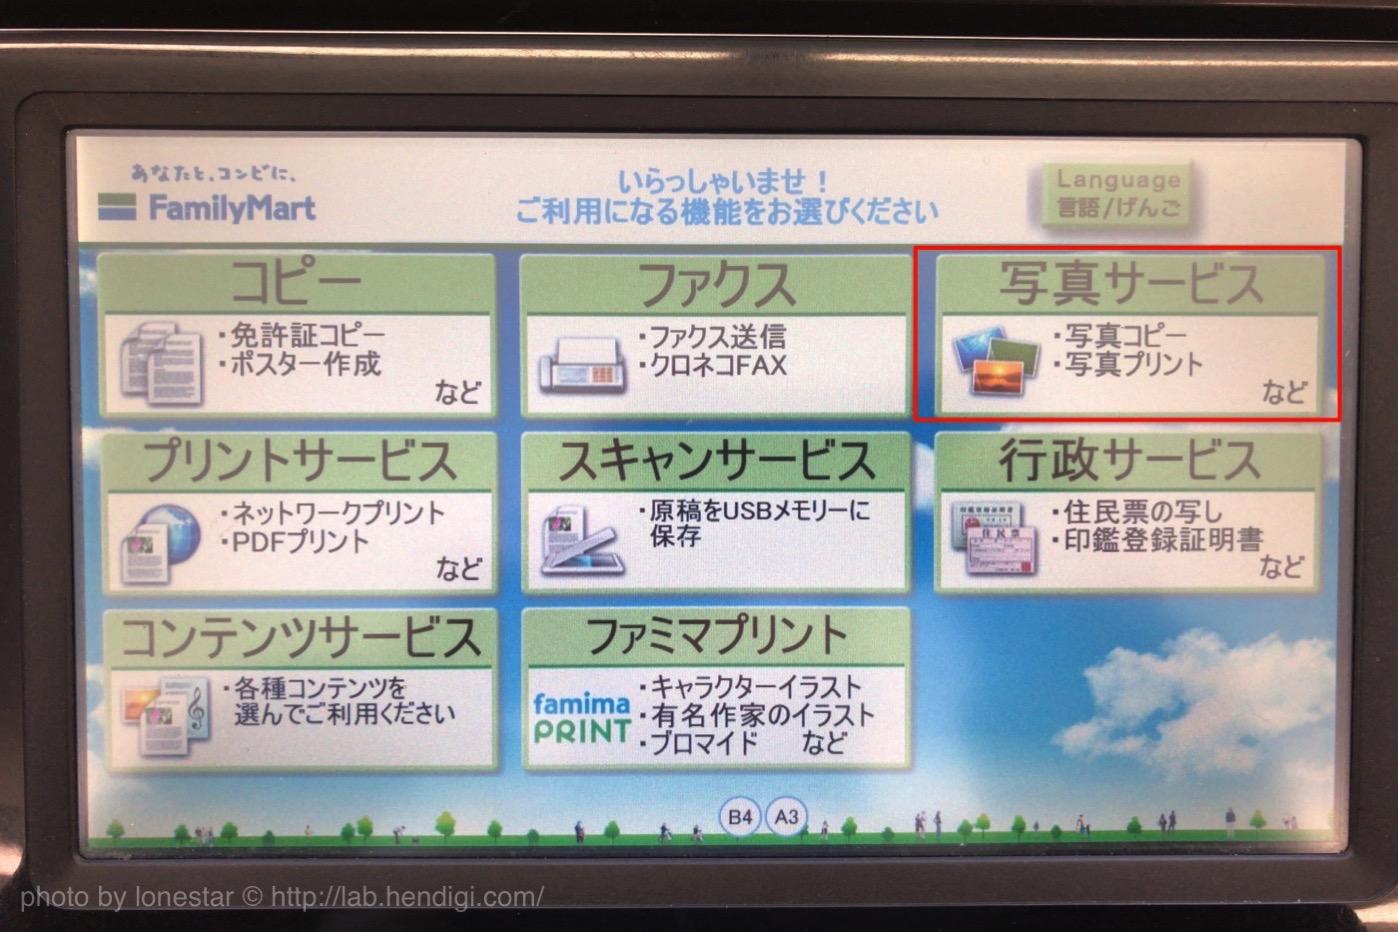 コンビニ PDFファイル プリント